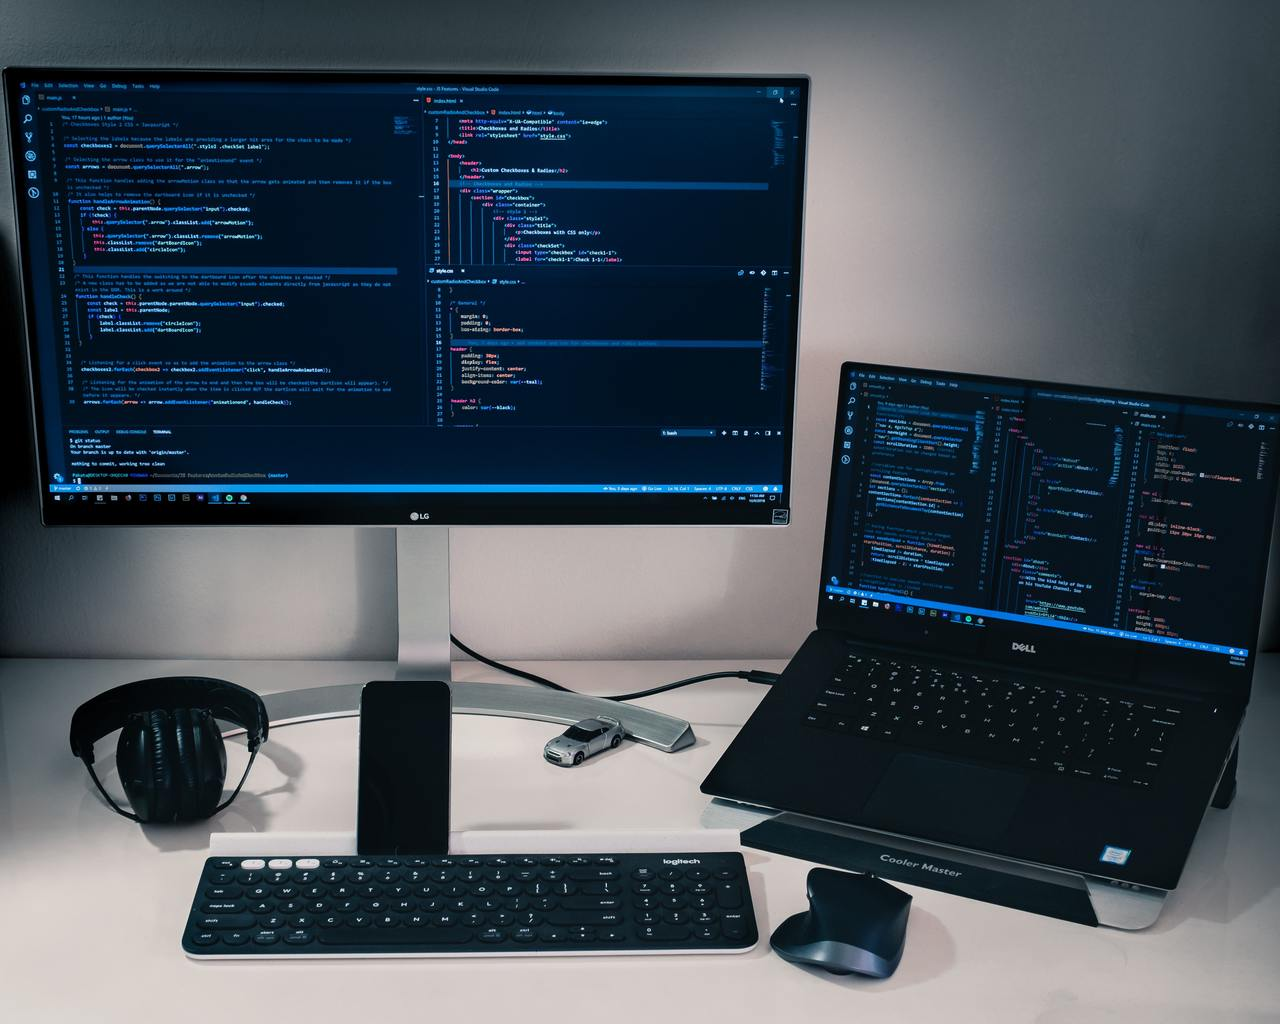 Рабочее место разработчика: монитор, клавиатура, мышь, наушники и ноутбук. На экранах - код.